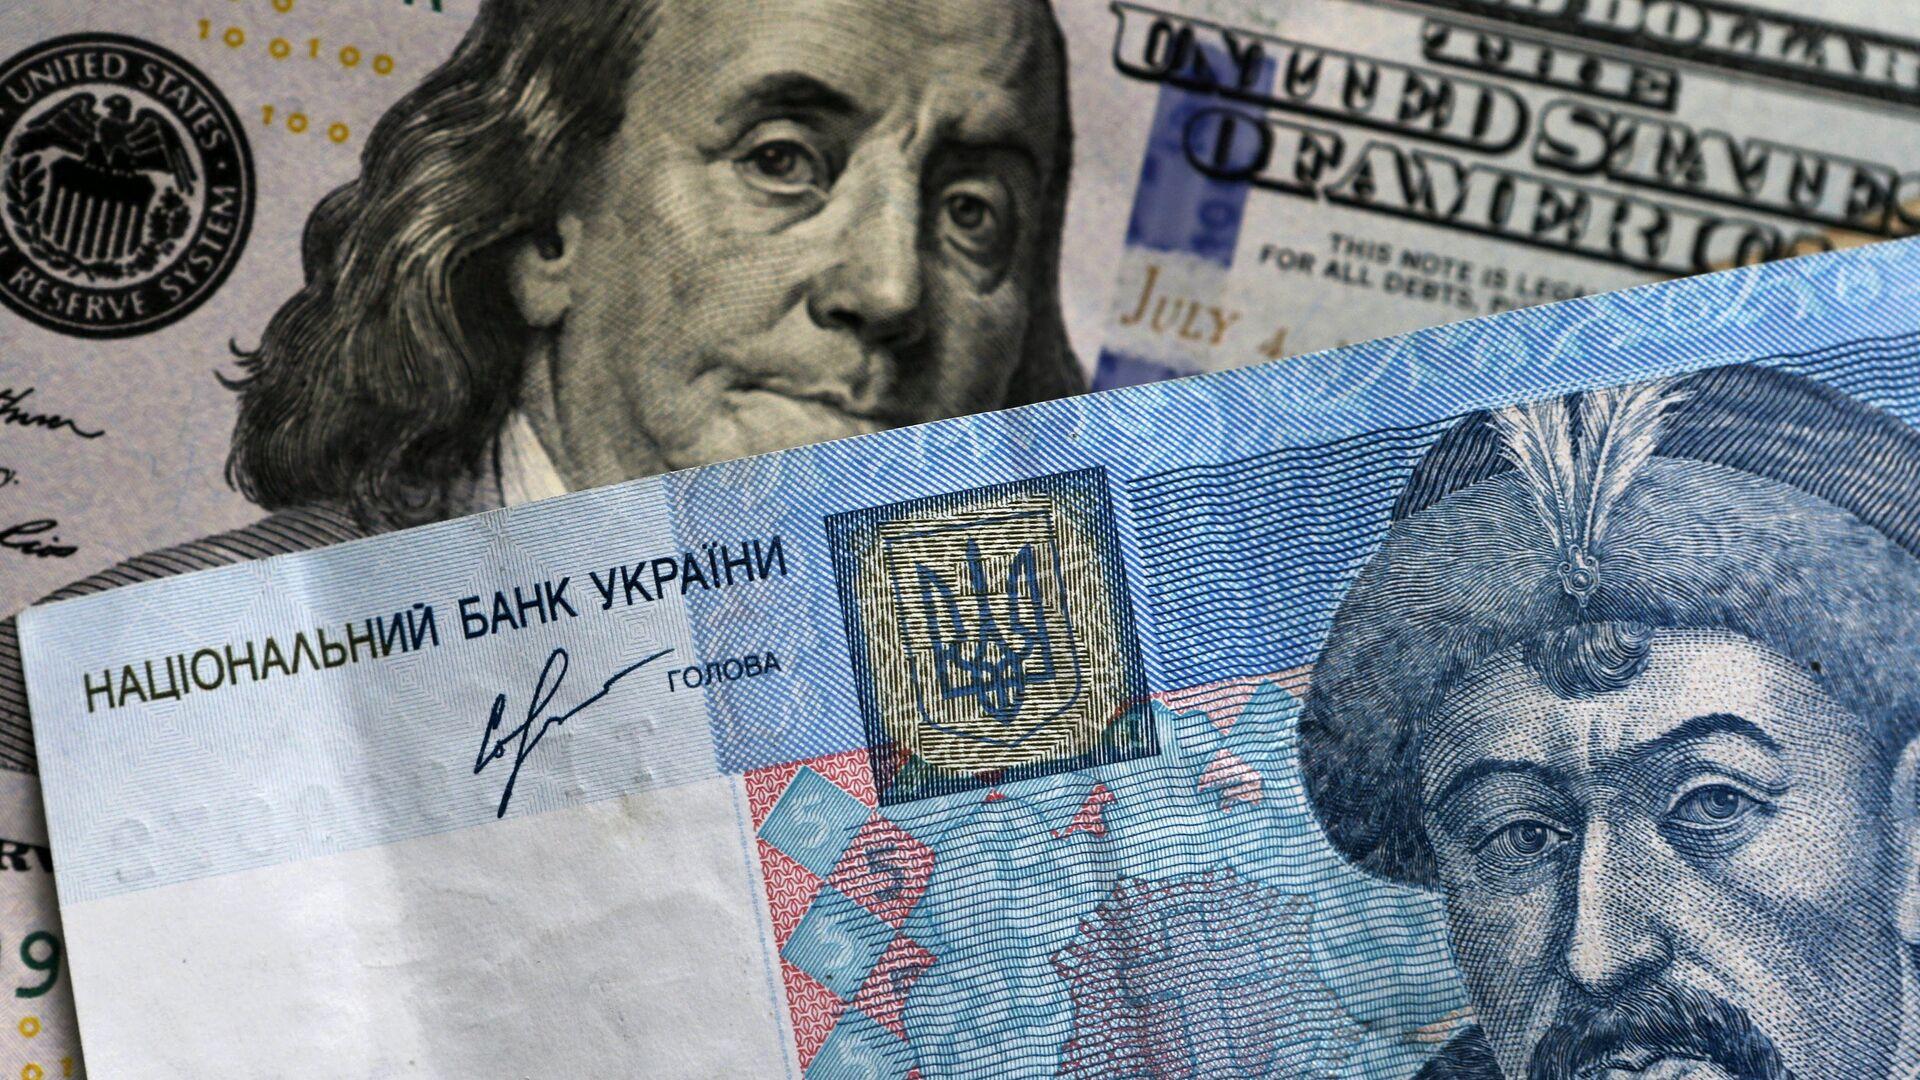 Денежные купюры и монеты США и Украины - РИА Новости, 1920, 29.06.2021